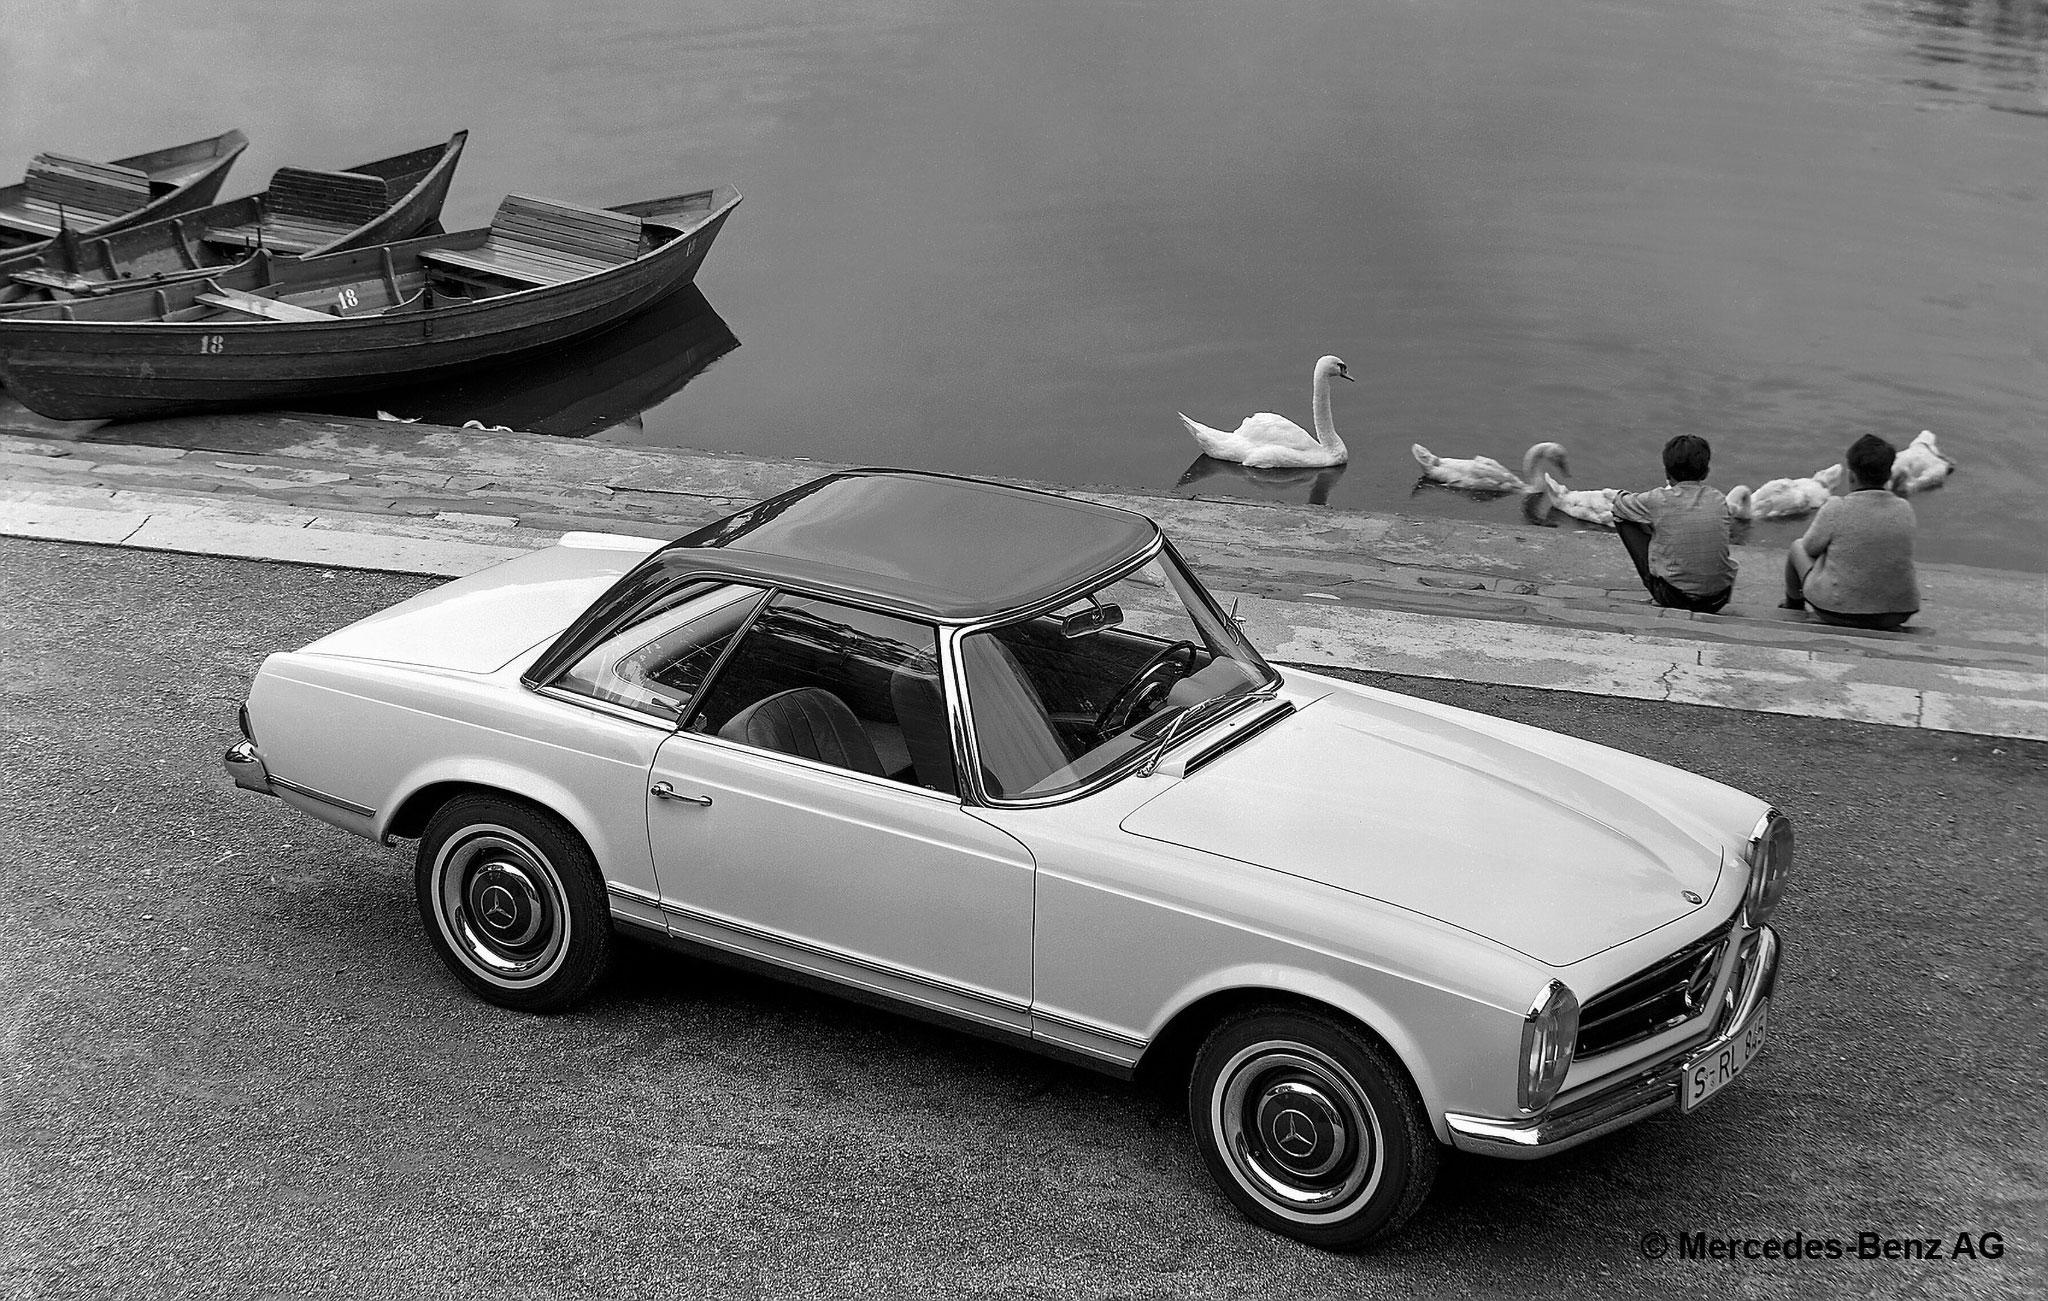 1963-1971 Mercedes-Benz 280 SL - Résultats Ascot avril 2021.